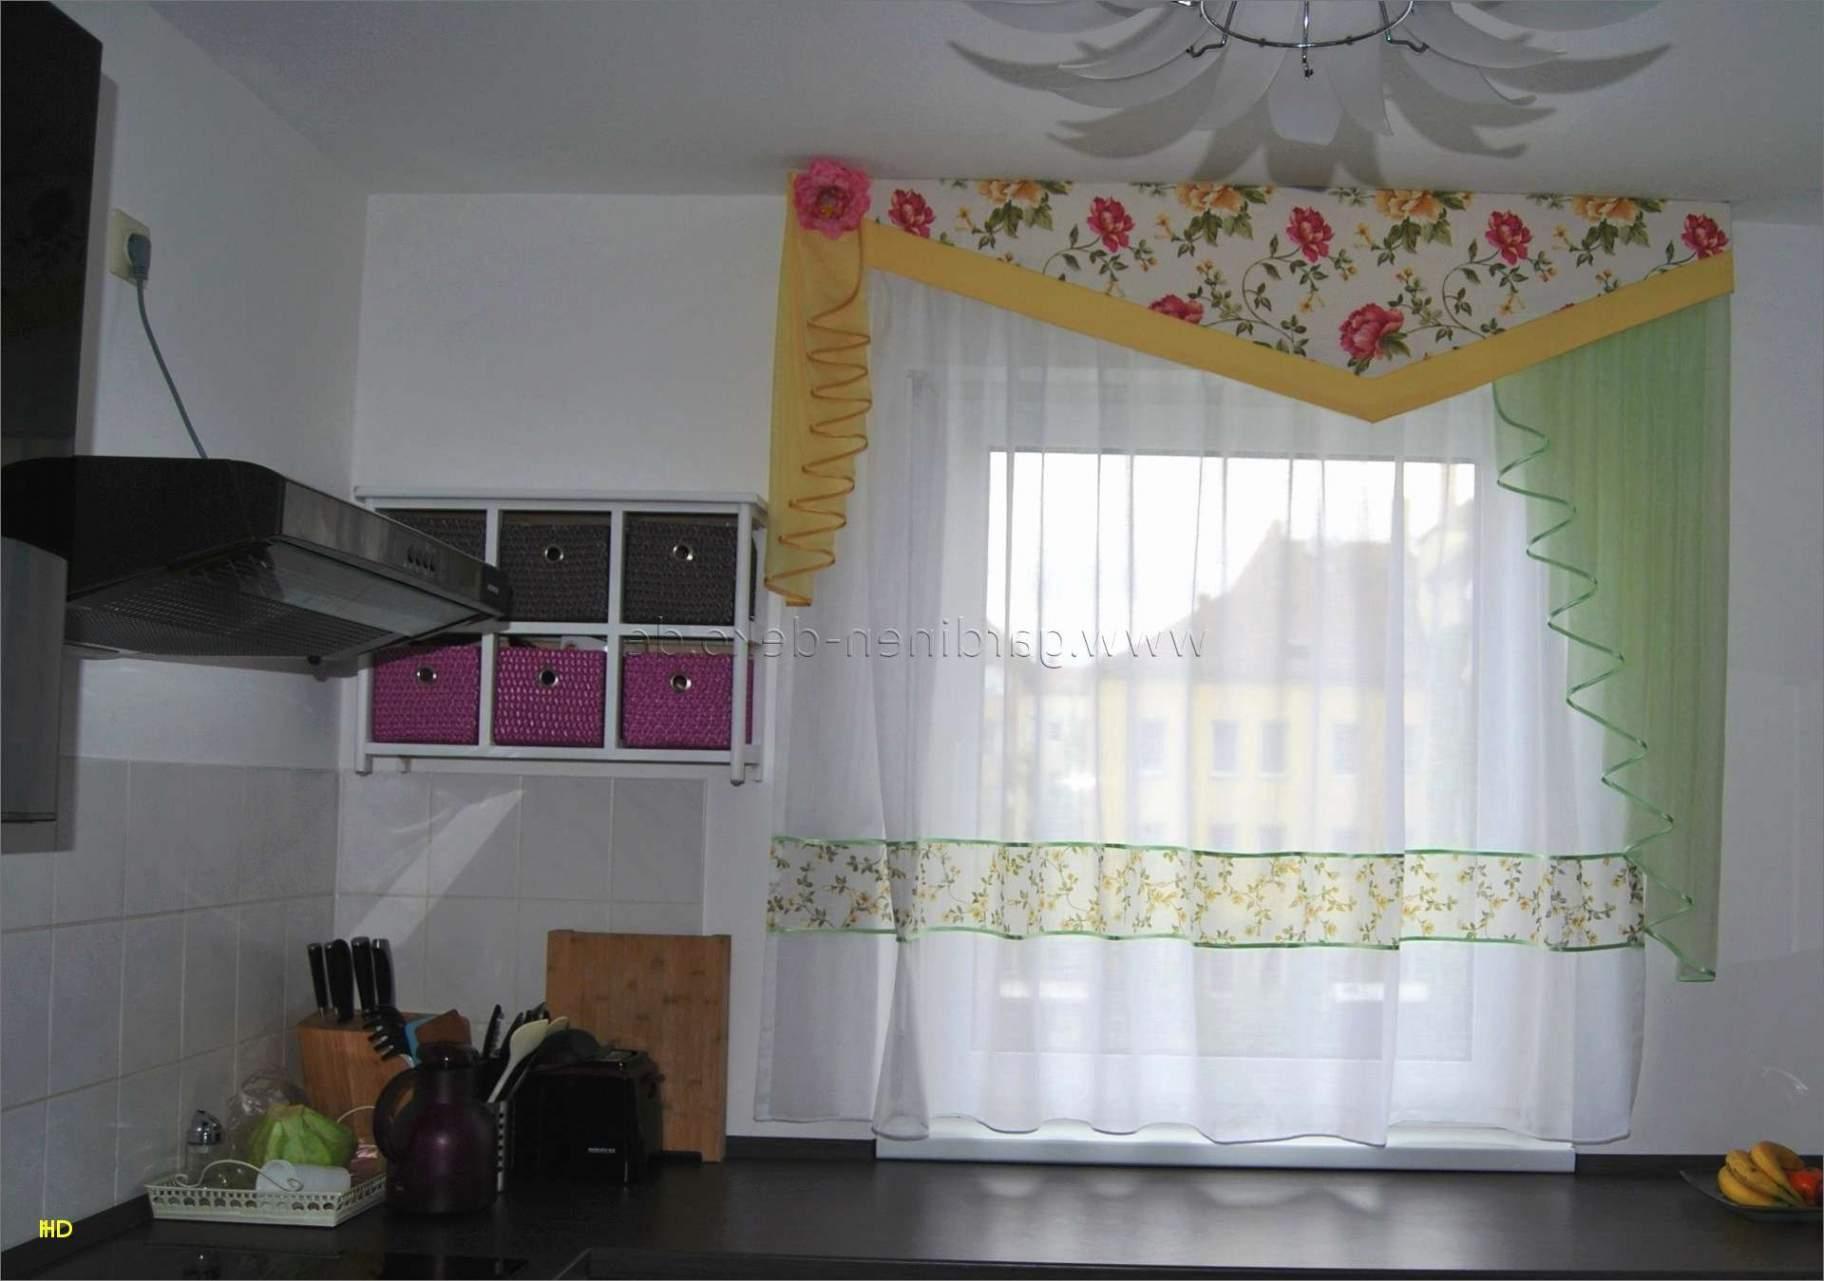 25 neu gardinen fur terrassentur und fenster einzigartig gardine fur tur mit glaseinsatz gardine fur tur mit glaseinsatz